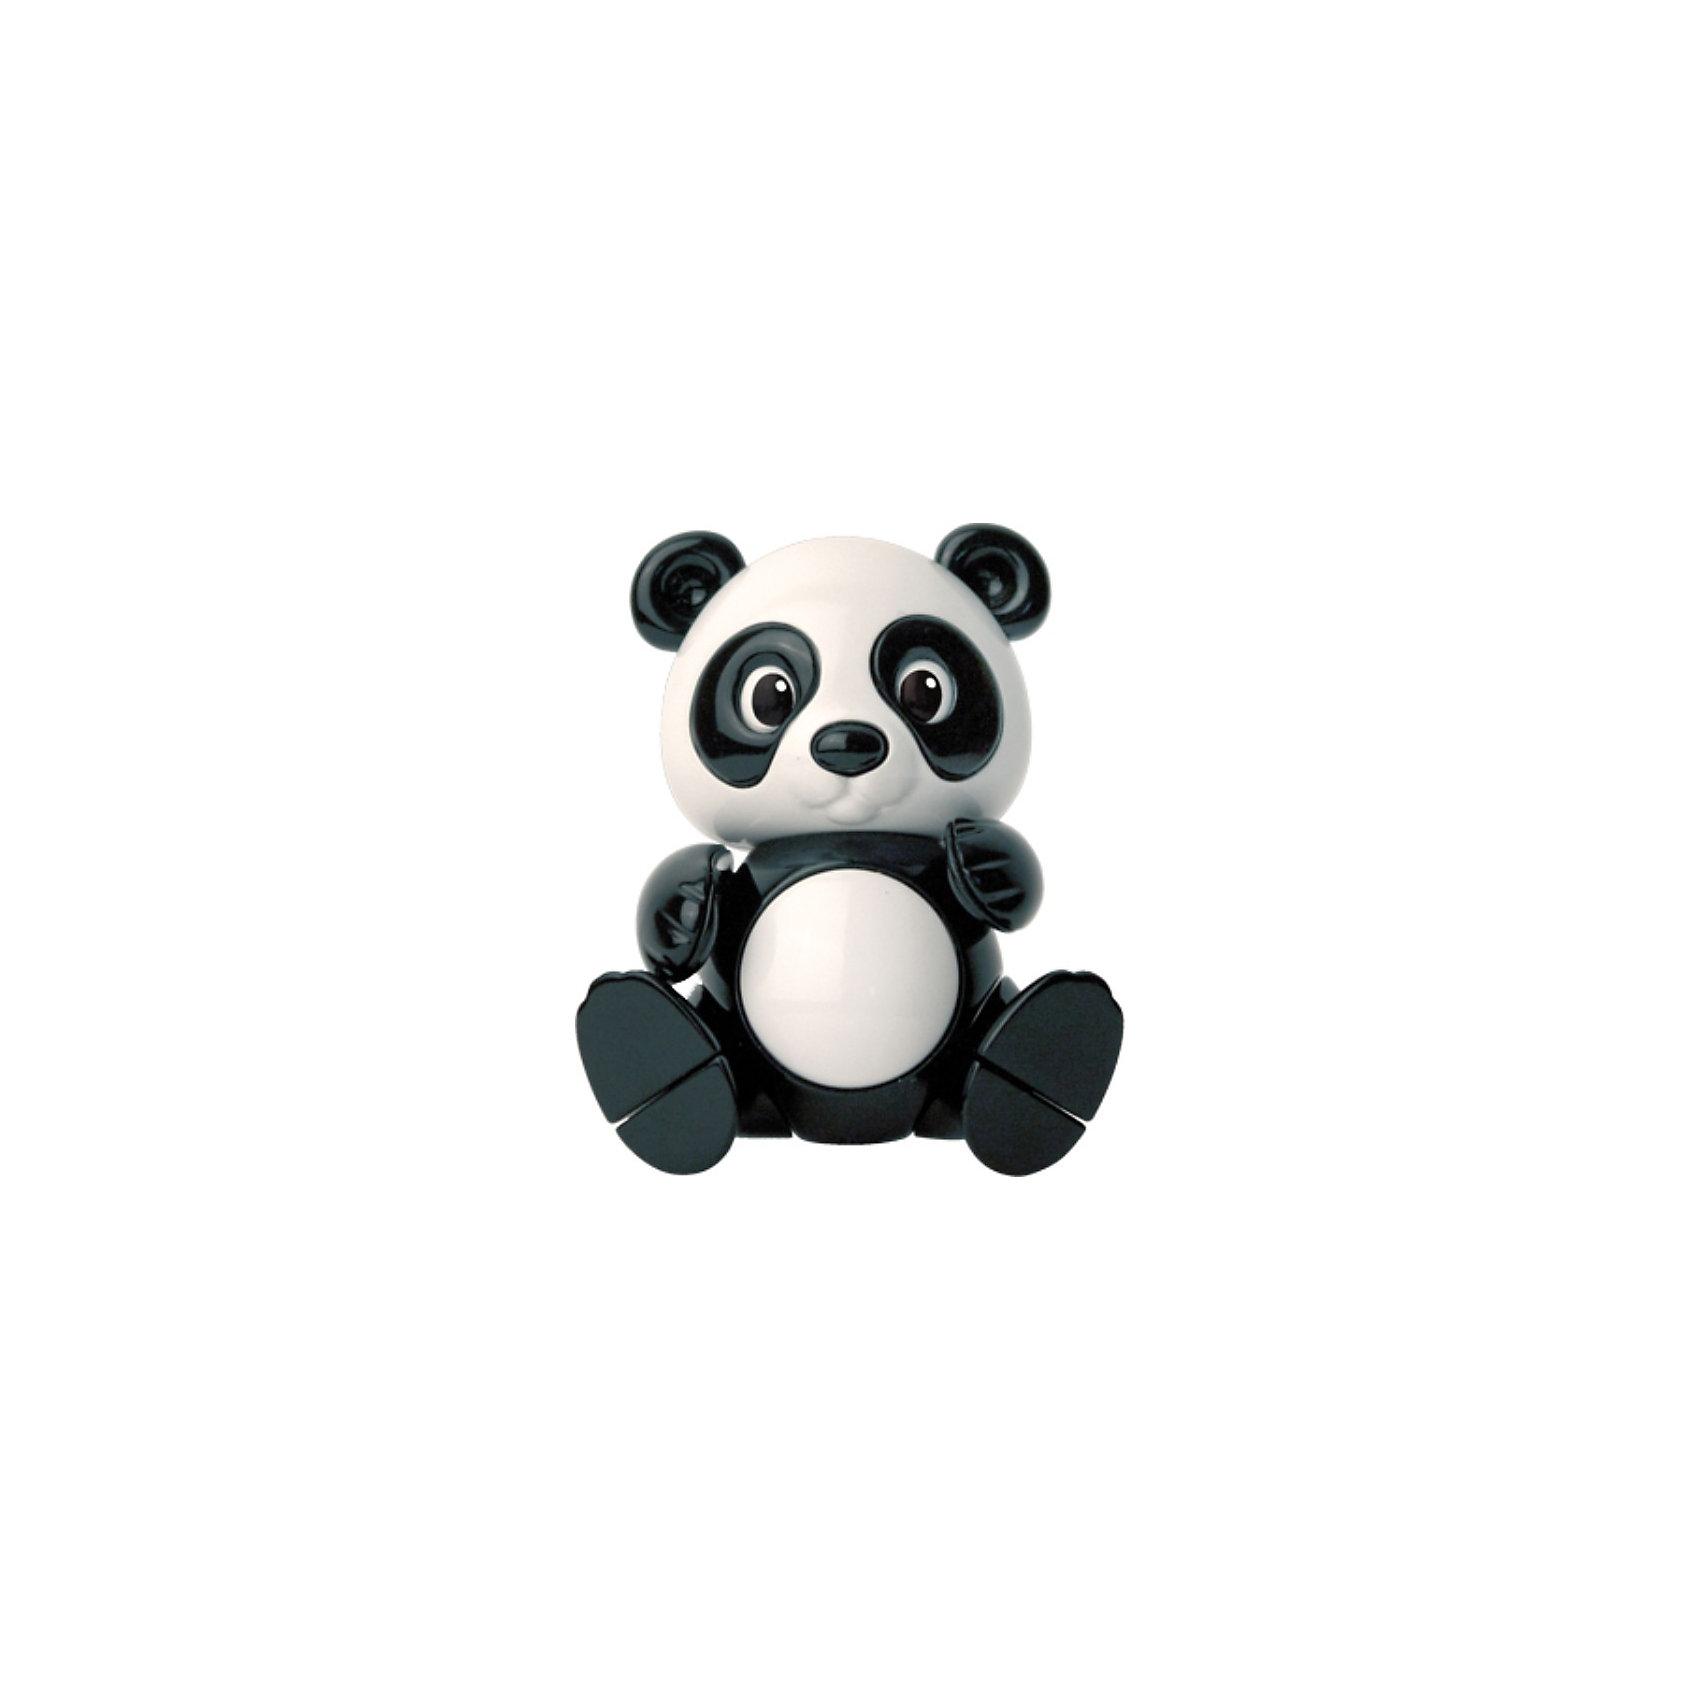 Фигурка Панда, Первые друзья, TOLOФигурка Панда, Первые друзья, TOLO (ТОЛО) – эта яркая красочная игрушка привлечет внимание Вашего малыша и не позволит ему скучать.<br>Забавная милая панда с доброжелательной мордочкой станет верный другом вашего ребенка. У фигурки щелкающая и подвижная голова, подвижные лапы. Панда может принимать различные позы: стоять, сидеть. Игрушка способствует развитию фантазии и воображения, помогает формировать первые навыки сюжетно-ролевой игры, знакомит ребенка с животными. <br>Игрушки Толо производятся из пластика самого высокого качества и гипоаллергенных красителей. Они абсолютно безопасны для малышей, не бьются, не ломаются, крепкие и прочные.<br><br>Дополнительная информация:<br><br>- Размер: 6 х 9 х 7 см.<br>- Материал: высококачественный пластик<br><br>Фигурка Панда, Первые друзья, TOLO (ТОЛО) - обязательно понравится Вашему малышу.<br><br>Фигурку Панда, Первые друзья, TOLO (ТОЛО) можно купить в нашем интернет-магазине.<br><br>Ширина мм: 70<br>Глубина мм: 110<br>Высота мм: 60<br>Вес г: 75<br>Возраст от месяцев: 12<br>Возраст до месяцев: 60<br>Пол: Унисекс<br>Возраст: Детский<br>SKU: 3688996